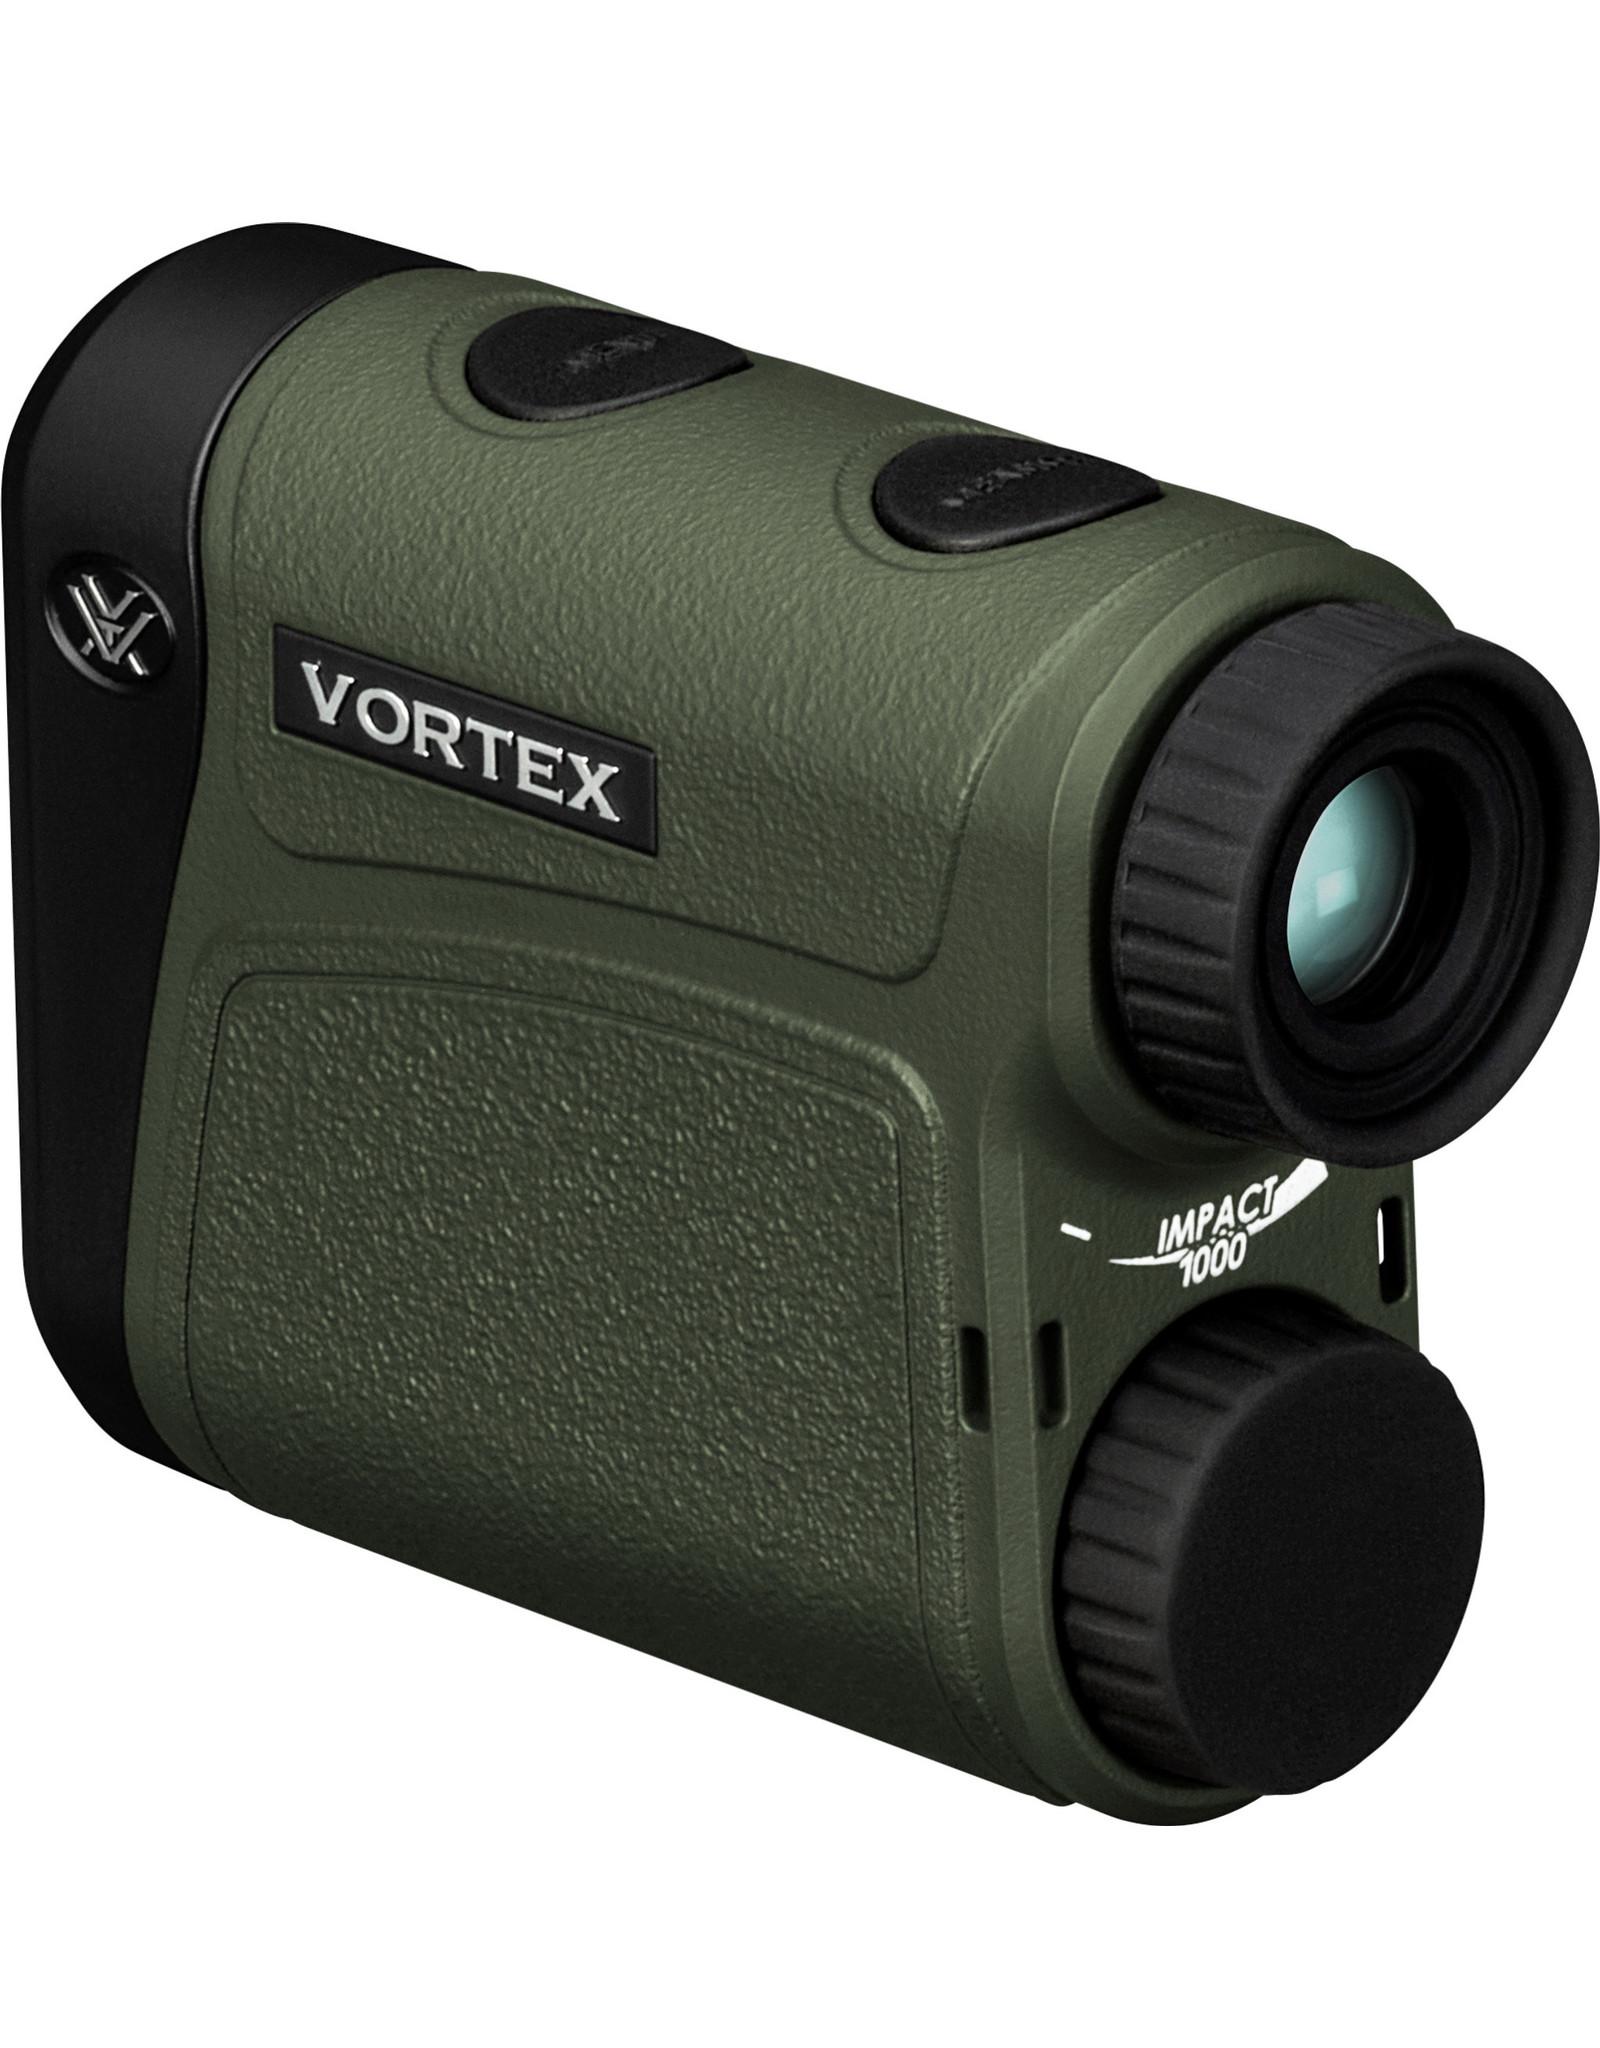 Vortex VORTEX IMPACT 1000 RANGEFINDER